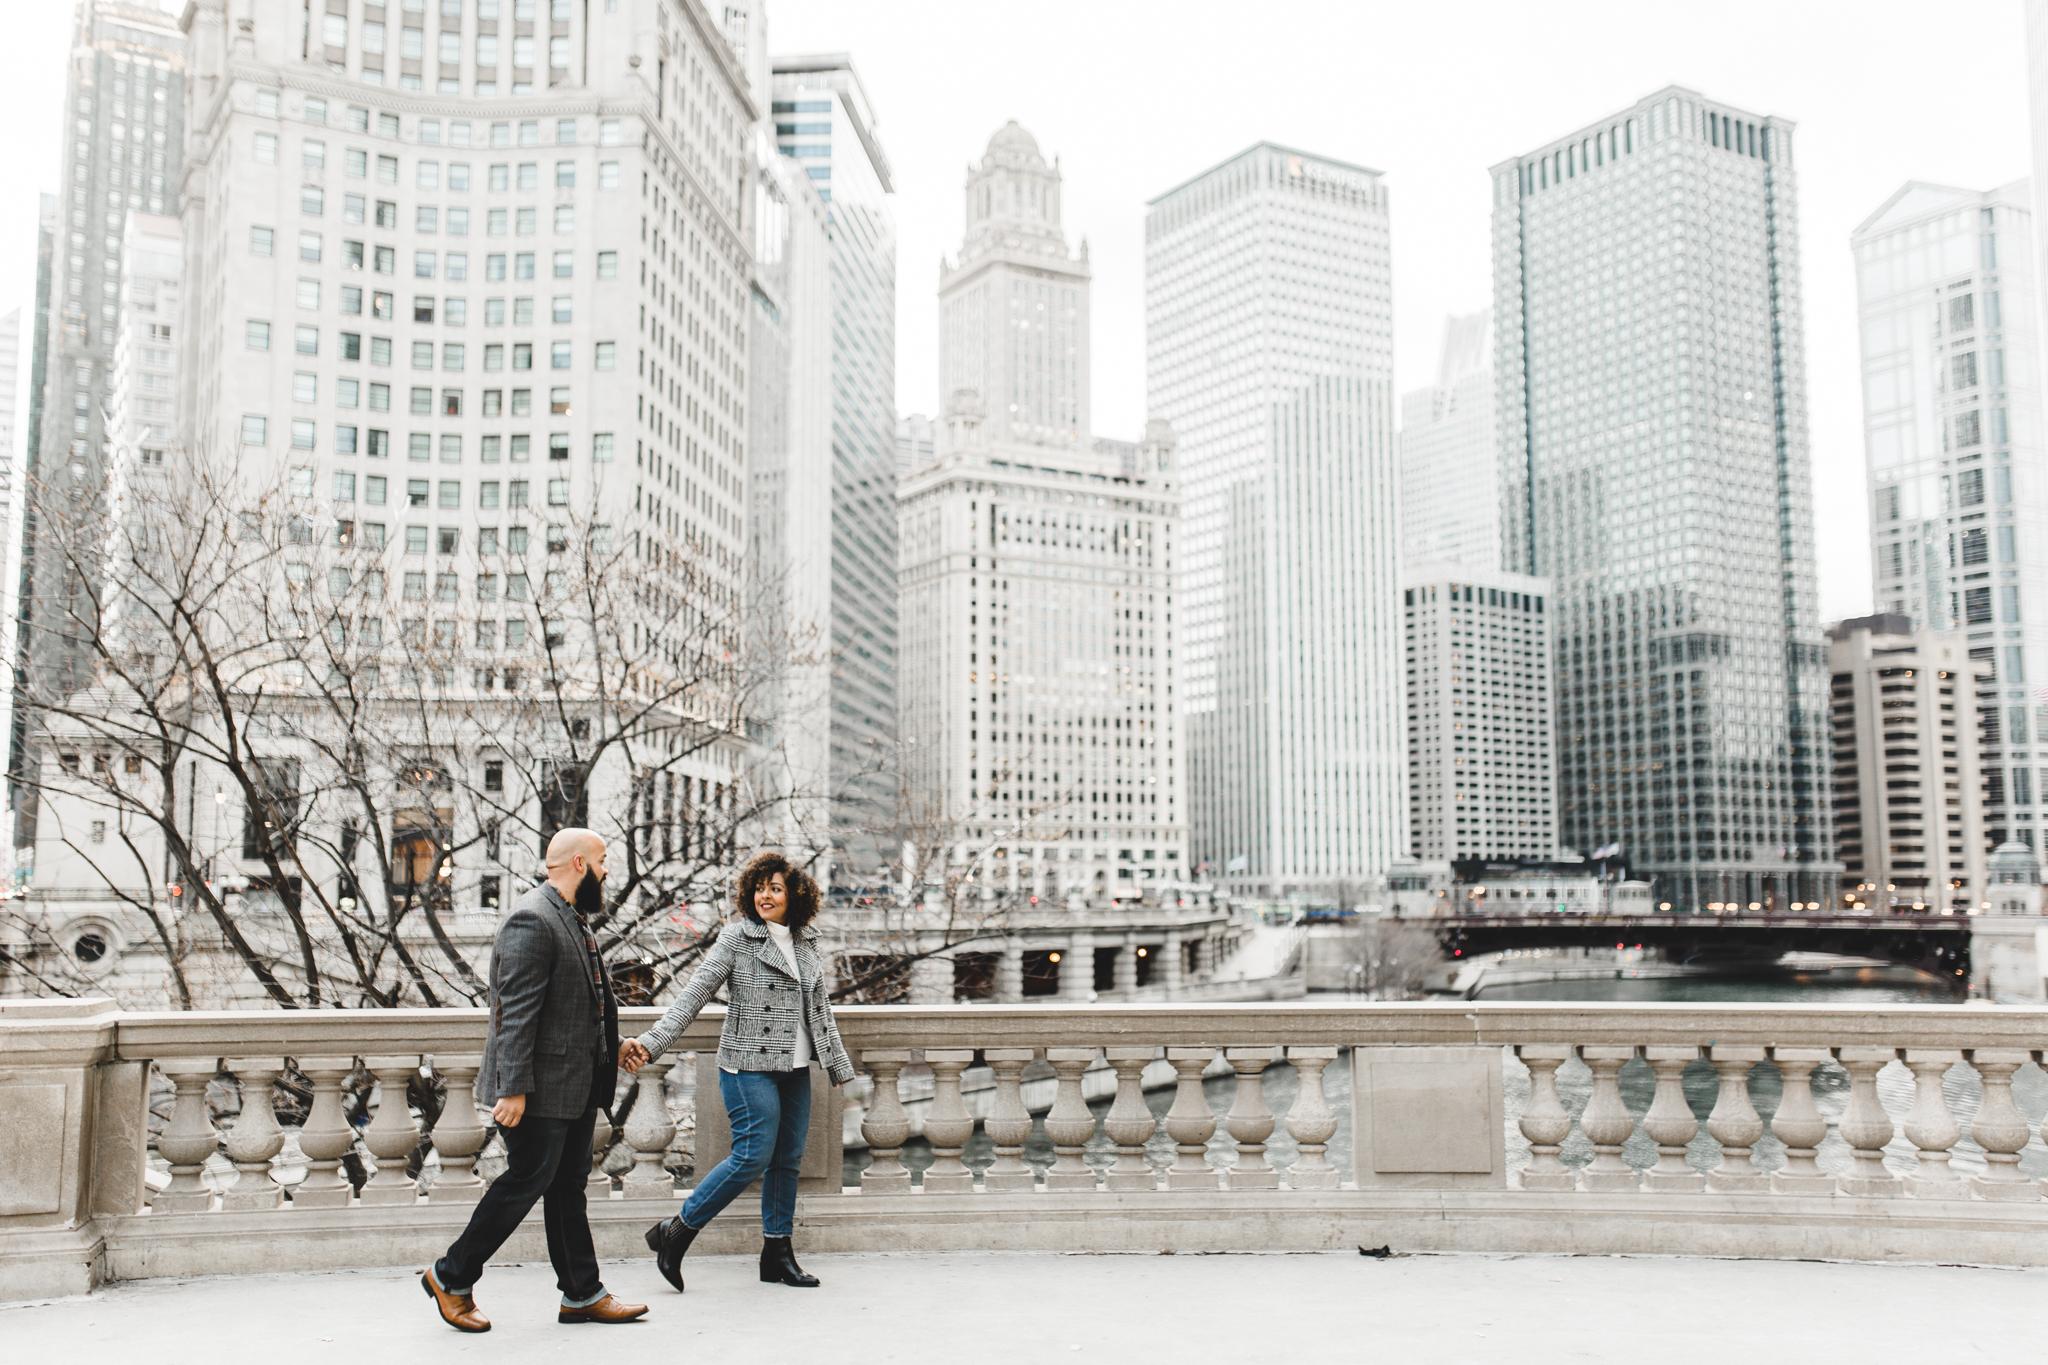 Aaron + ariana - Chicago, Illinois